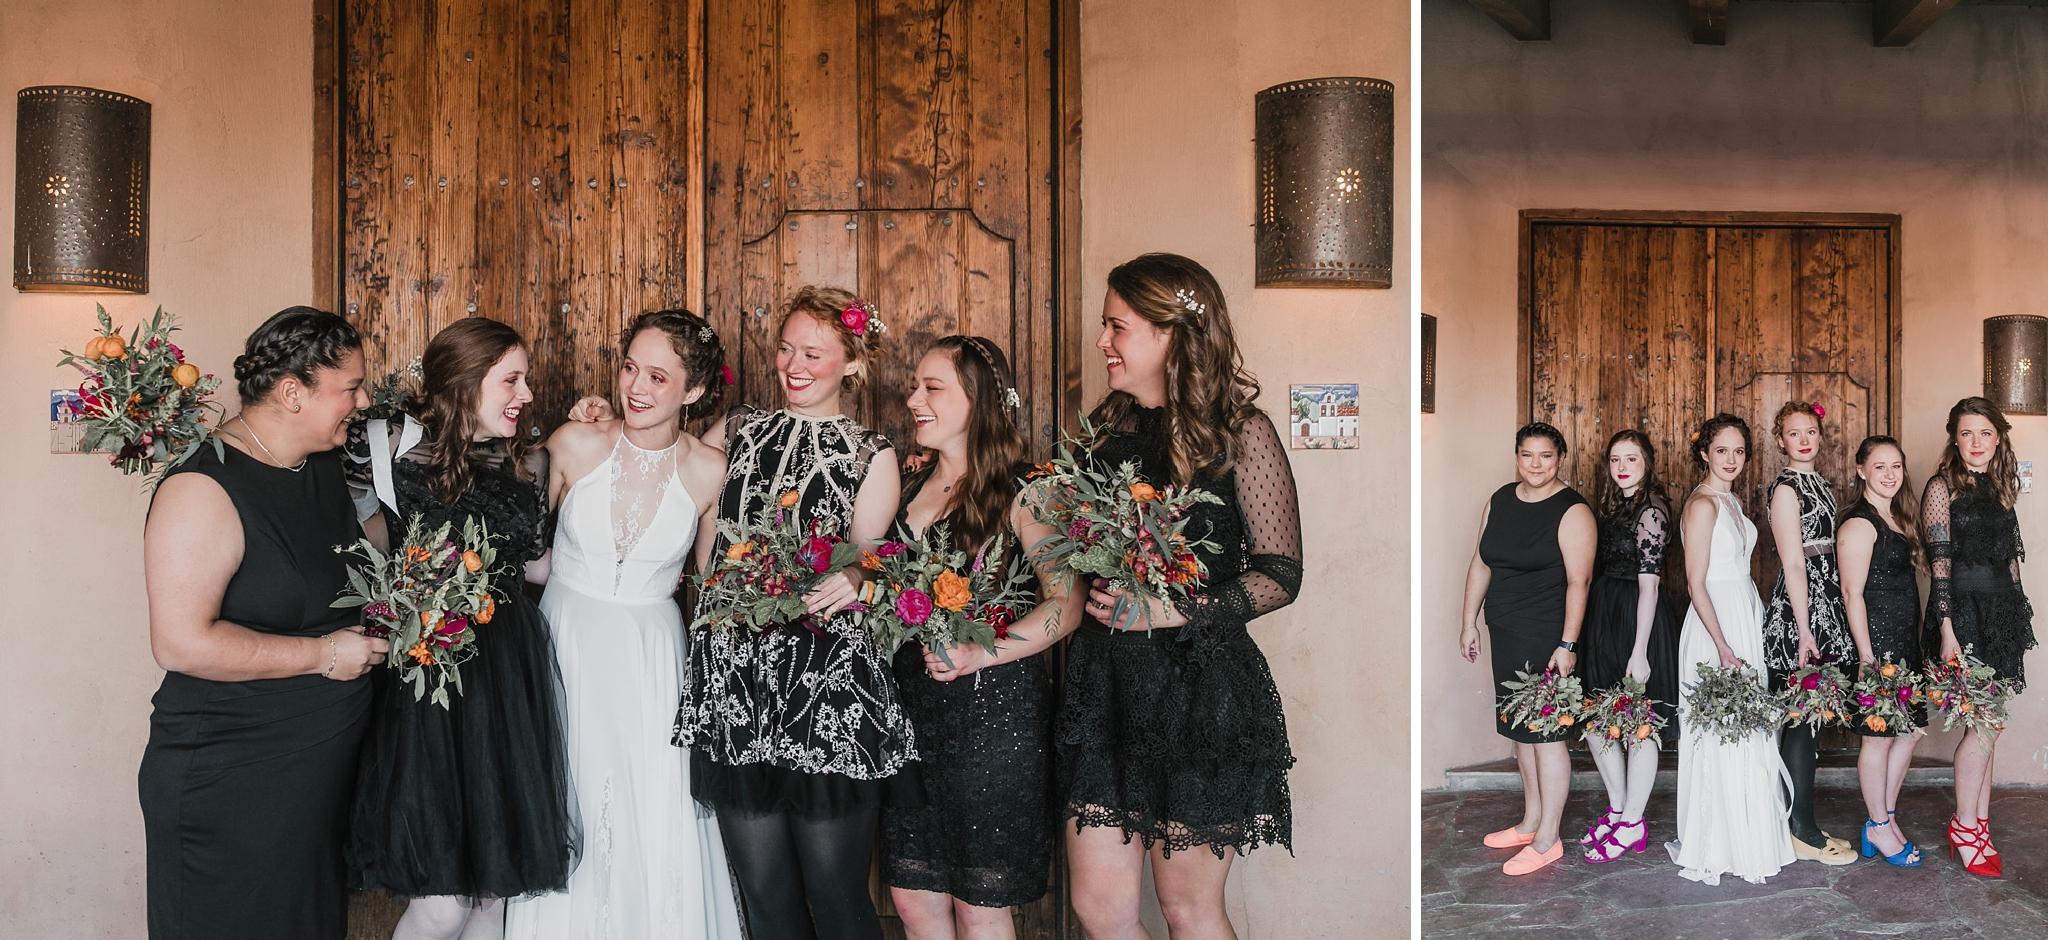 Alicia+lucia+photography+-+albuquerque+wedding+photographer+-+santa+fe+wedding+photography+-+new+mexico+wedding+photographer+-+new+mexico+wedding+-+new+mexico+wedding+-+colorado+wedding+-+bridesmaids+-+bridesmaid+style_0042.jpg